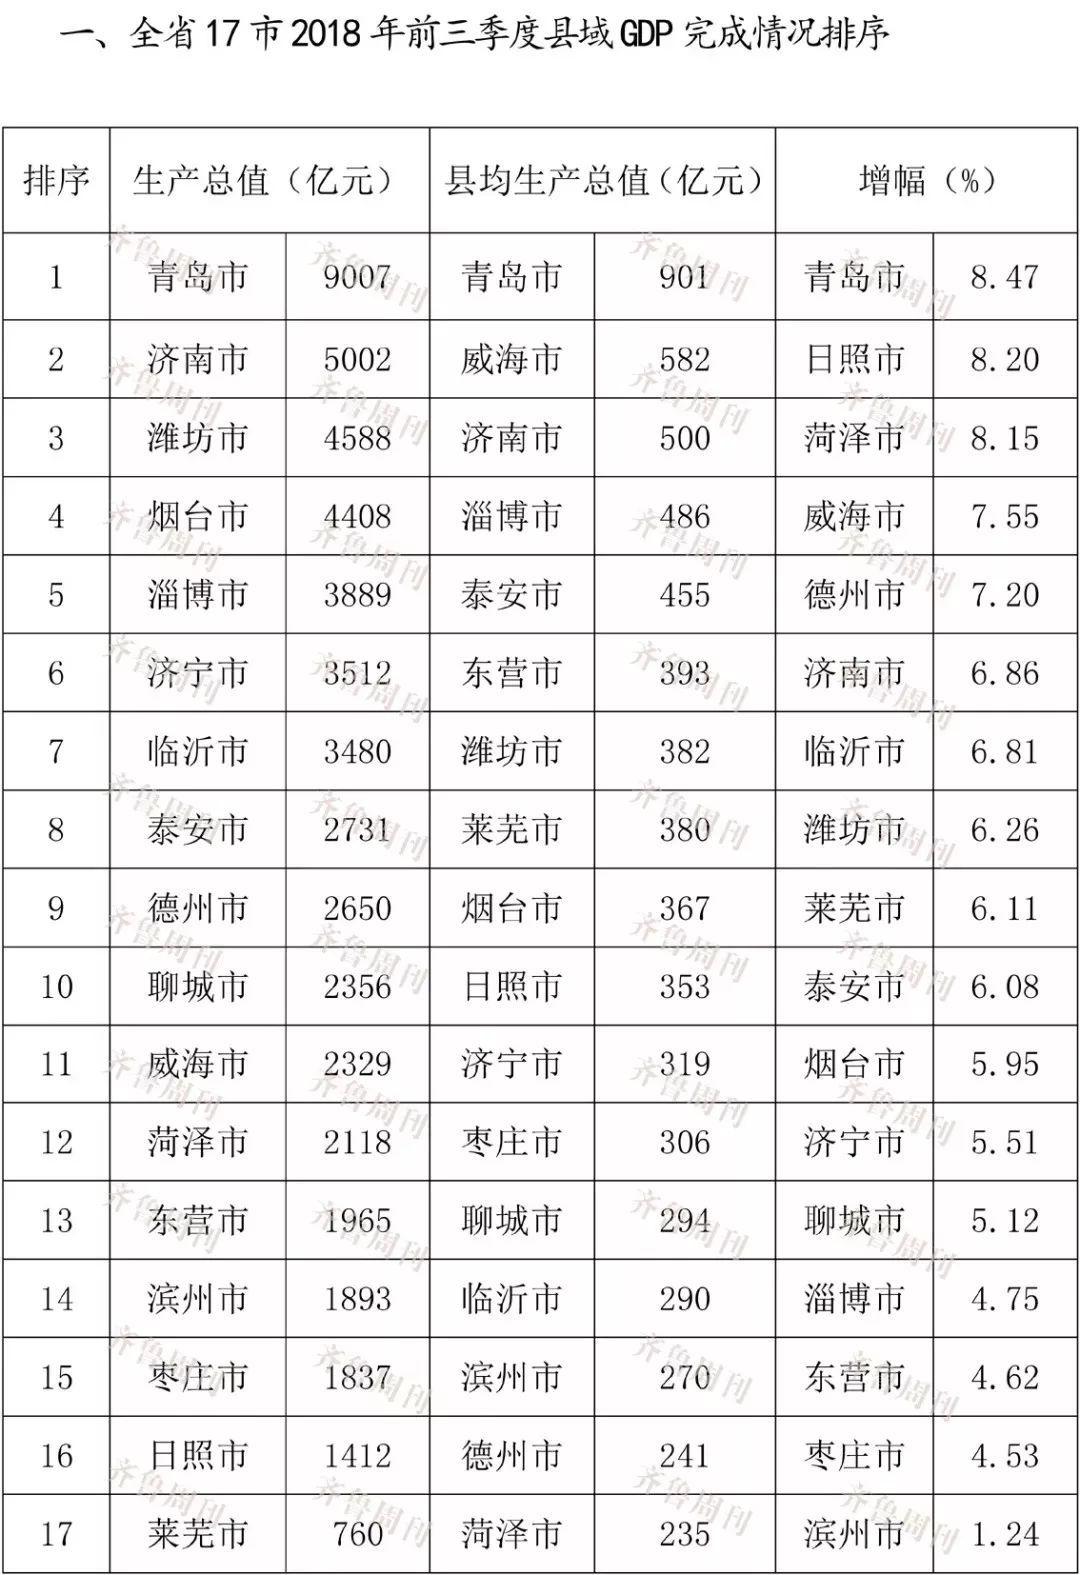 2021元谋县gdp排名_山东150个县区GDP最权威排行 黄岛即墨位列前三